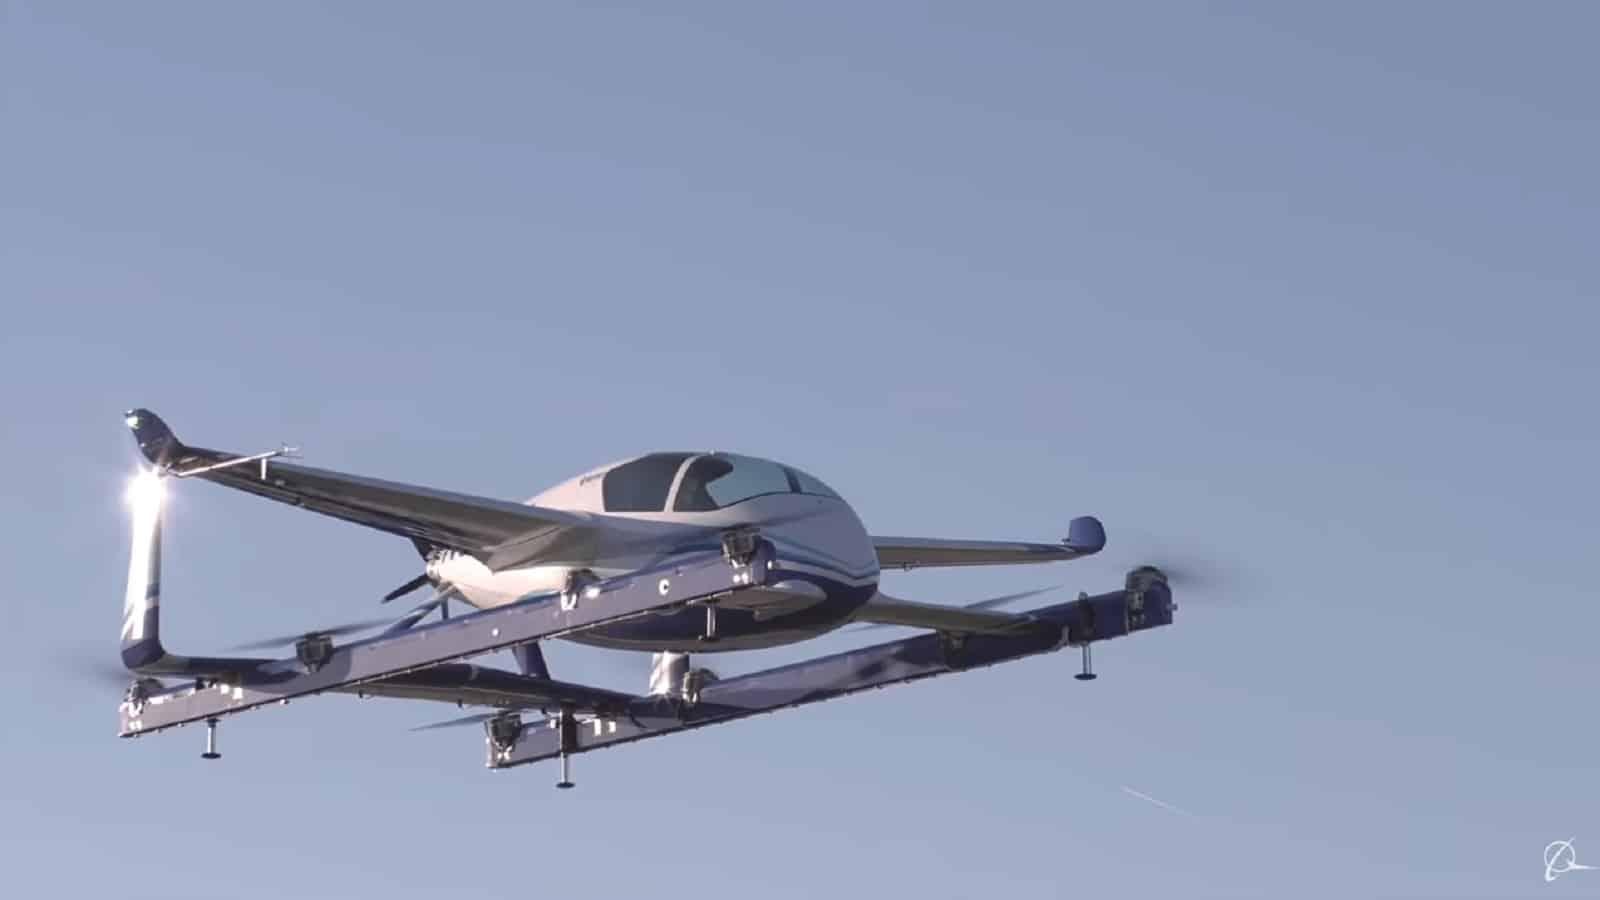 boeing self-flying vehicle in air